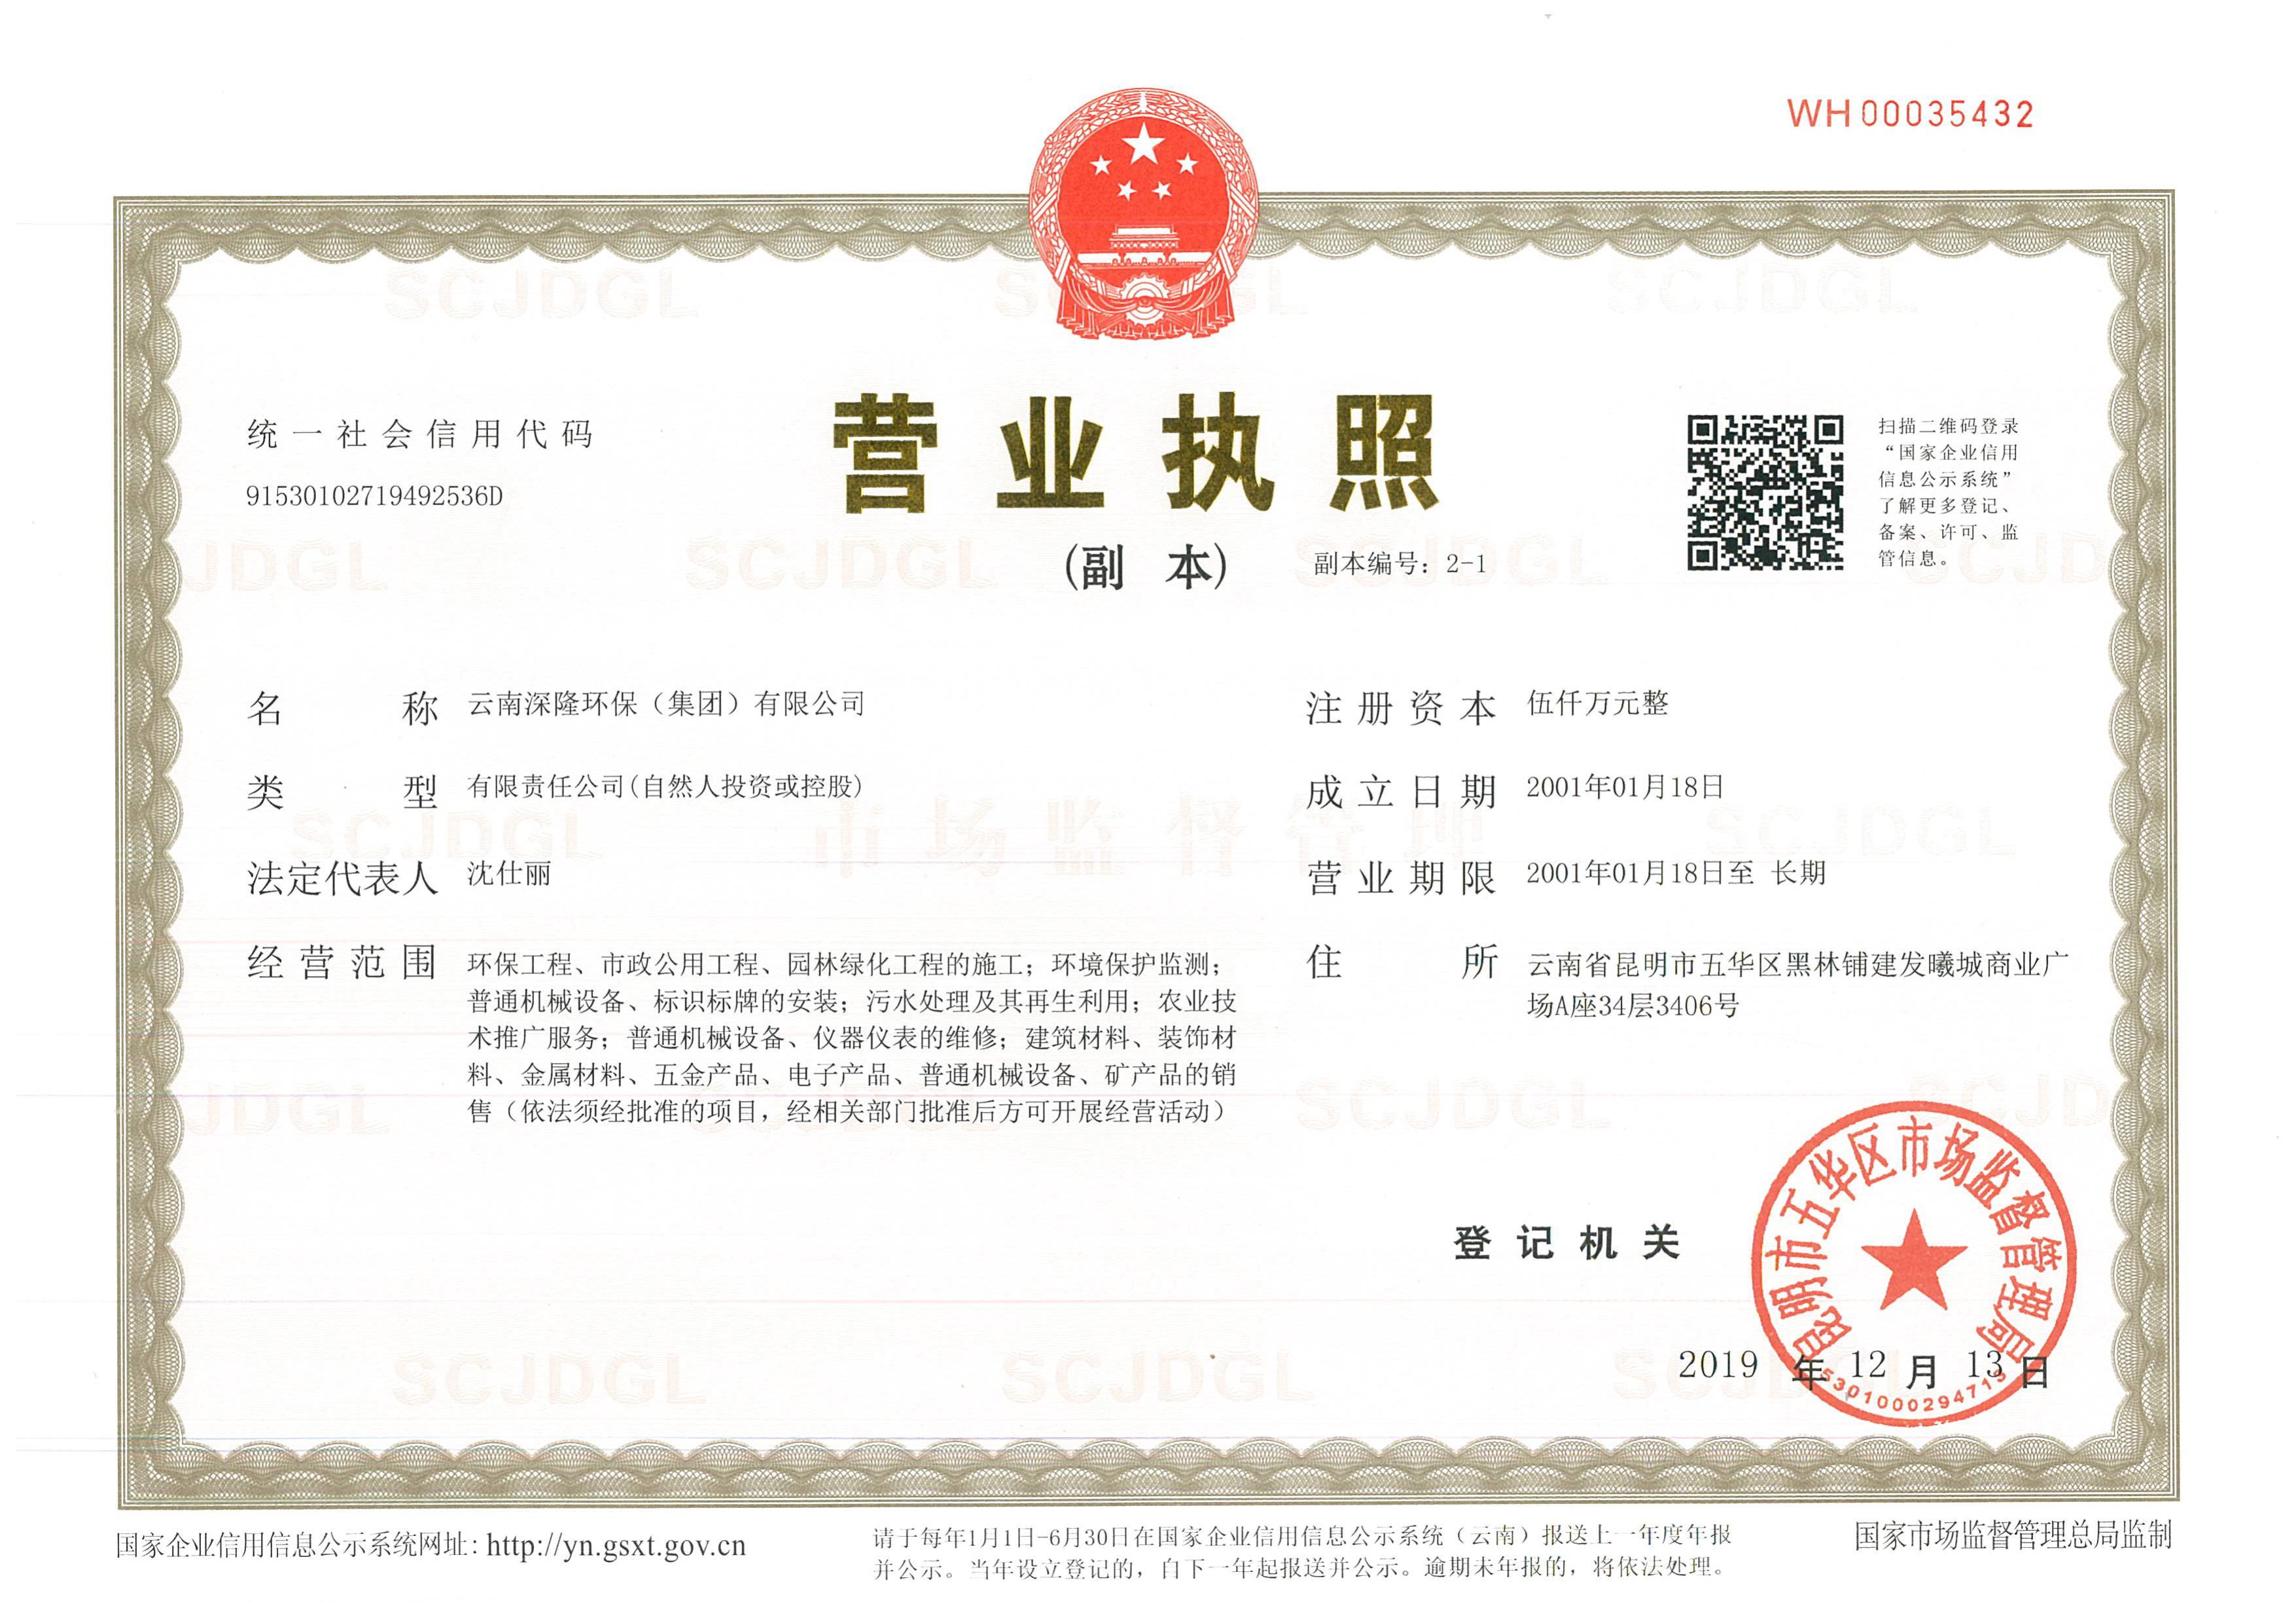 云南深隆乐虎手机app(集团)有限公司营业执照副本